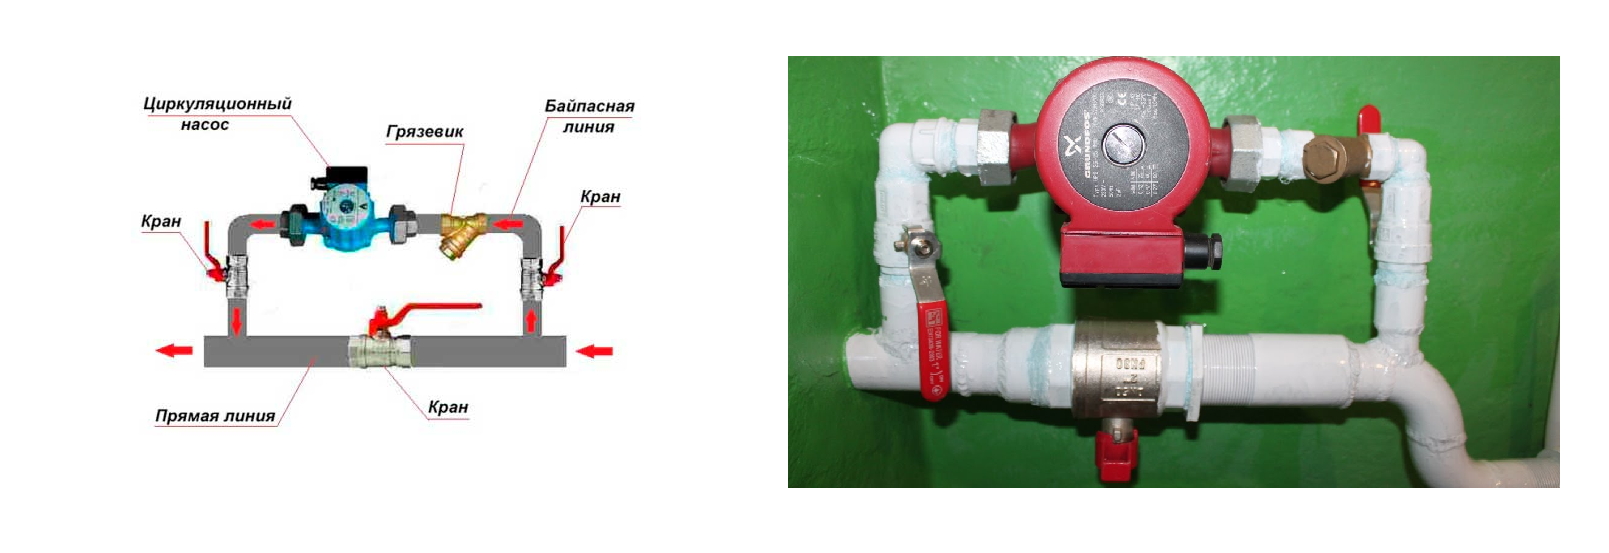 Насос циркуляционный для отопления - 6